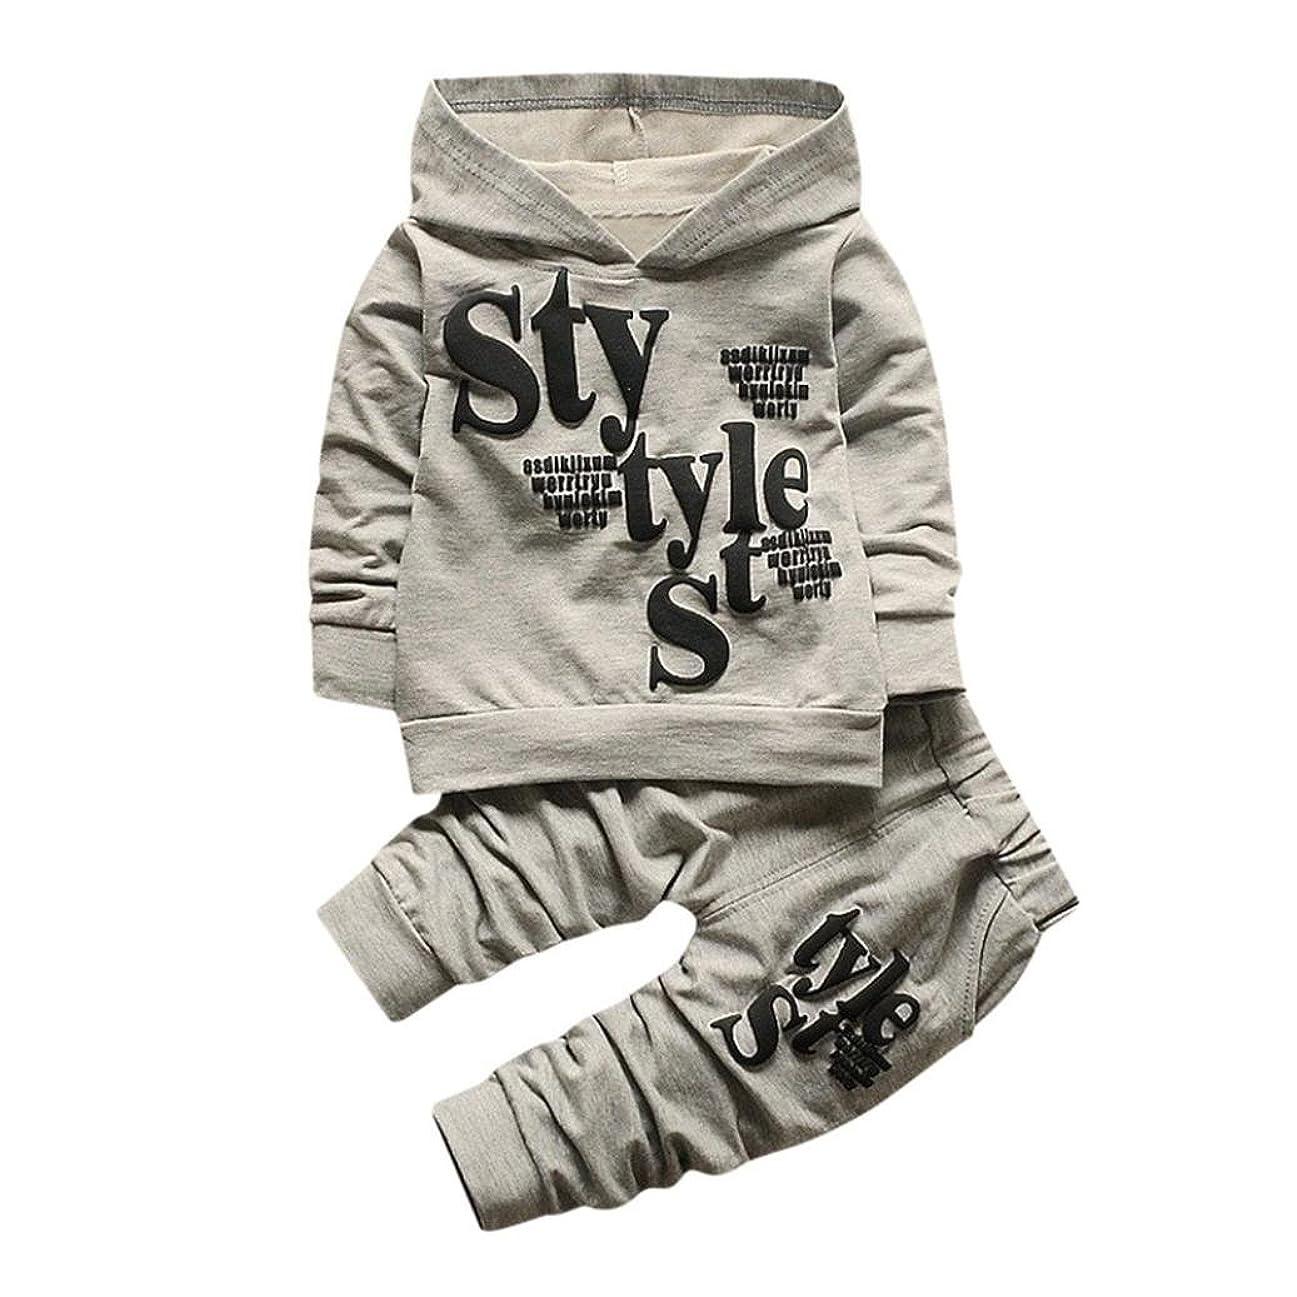 船上妊娠したメンバーパーカー+ズボン Tシャツ スウェット 子供服 赤ちゃん服 上着+パンツ2点セット かっこいい ベビー服 ロンパース カバーオール 男の子 女の子 ファッション